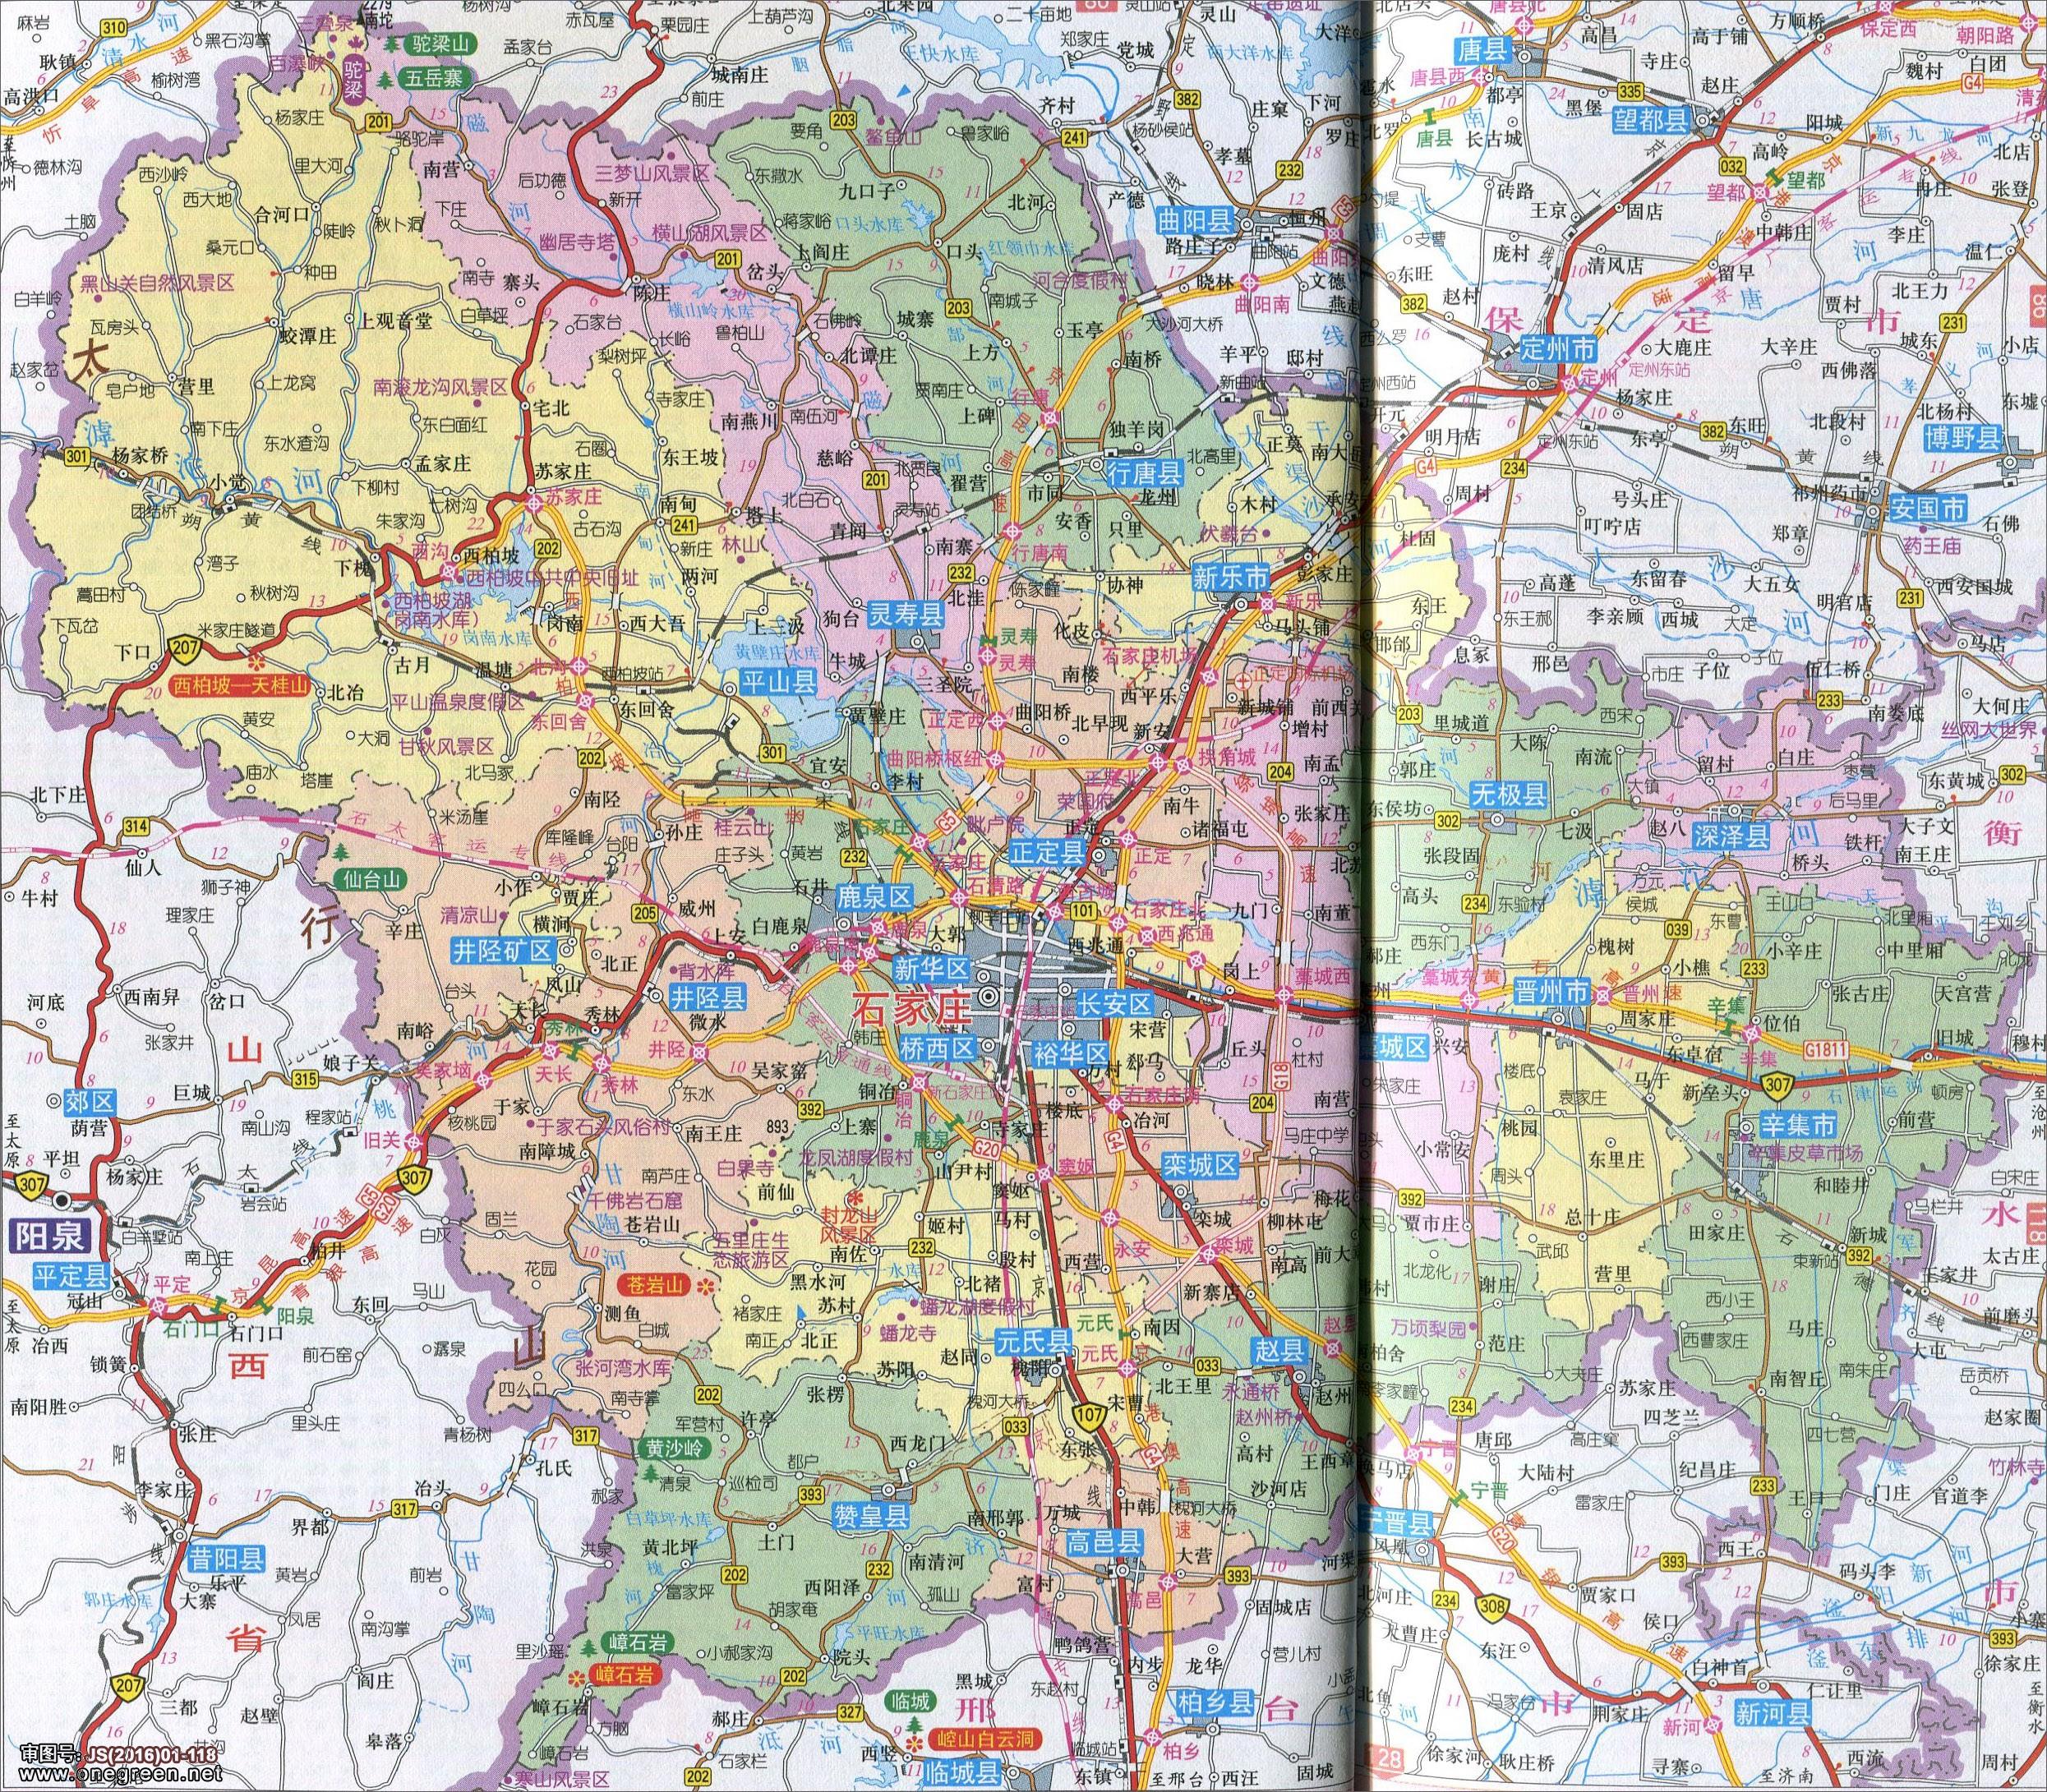 石家庄市地图高清版